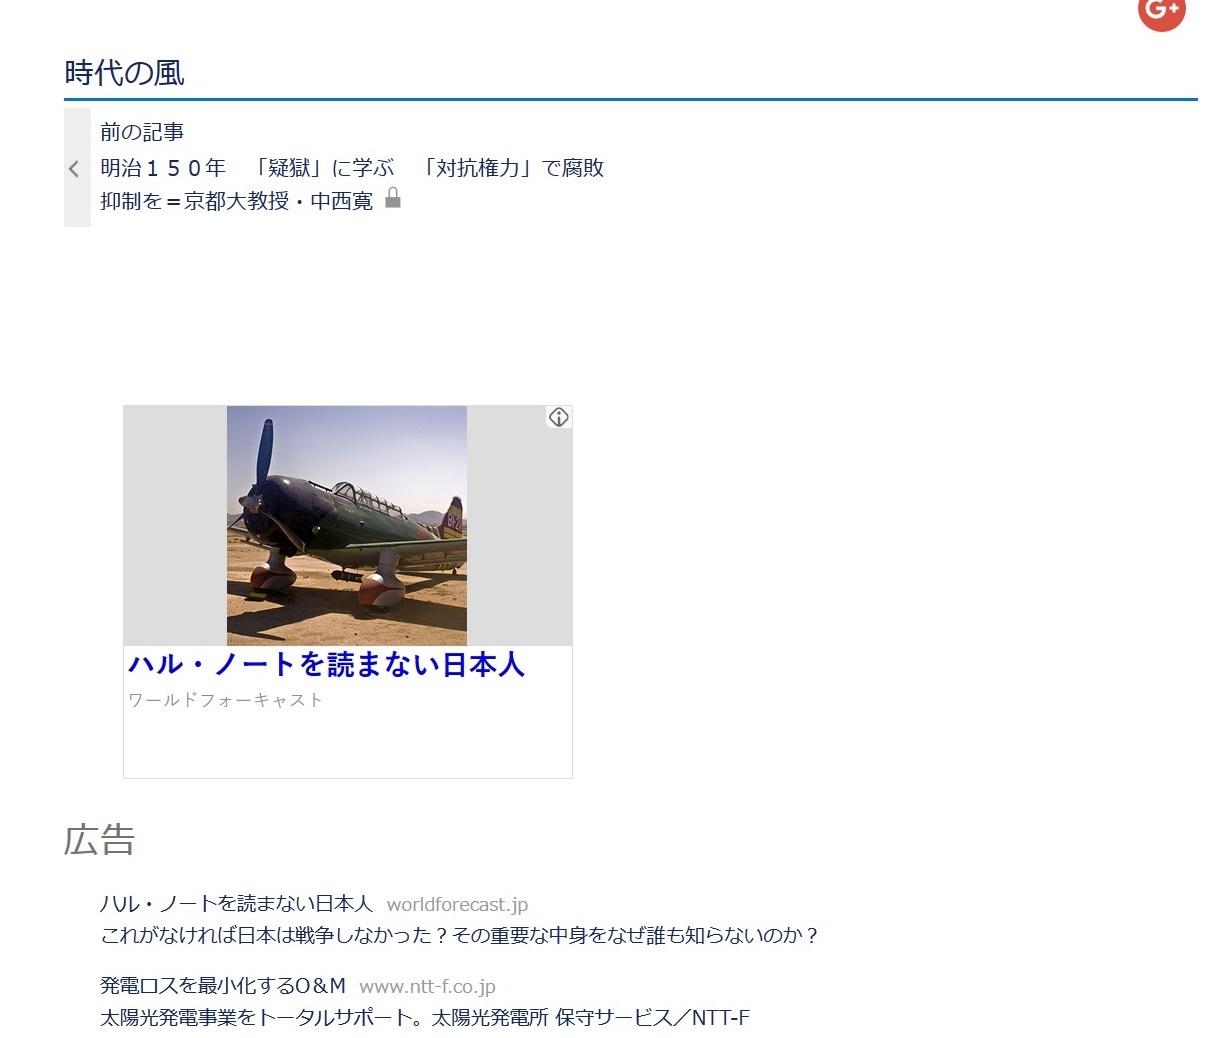 ネットで目に付く「歴史修正主義」書籍の広告(ダイレクト出版)について_f0030574_18333439.jpg